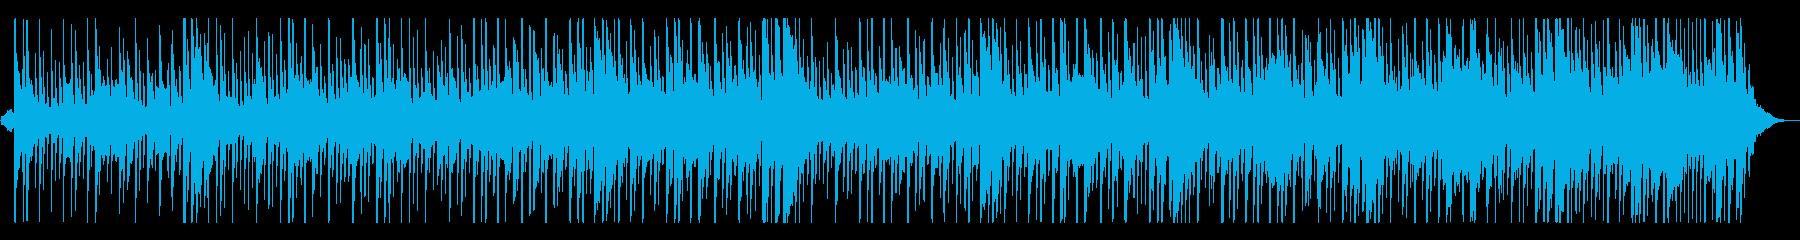 アフリカンなマリンバとドラムのシーケンスの再生済みの波形